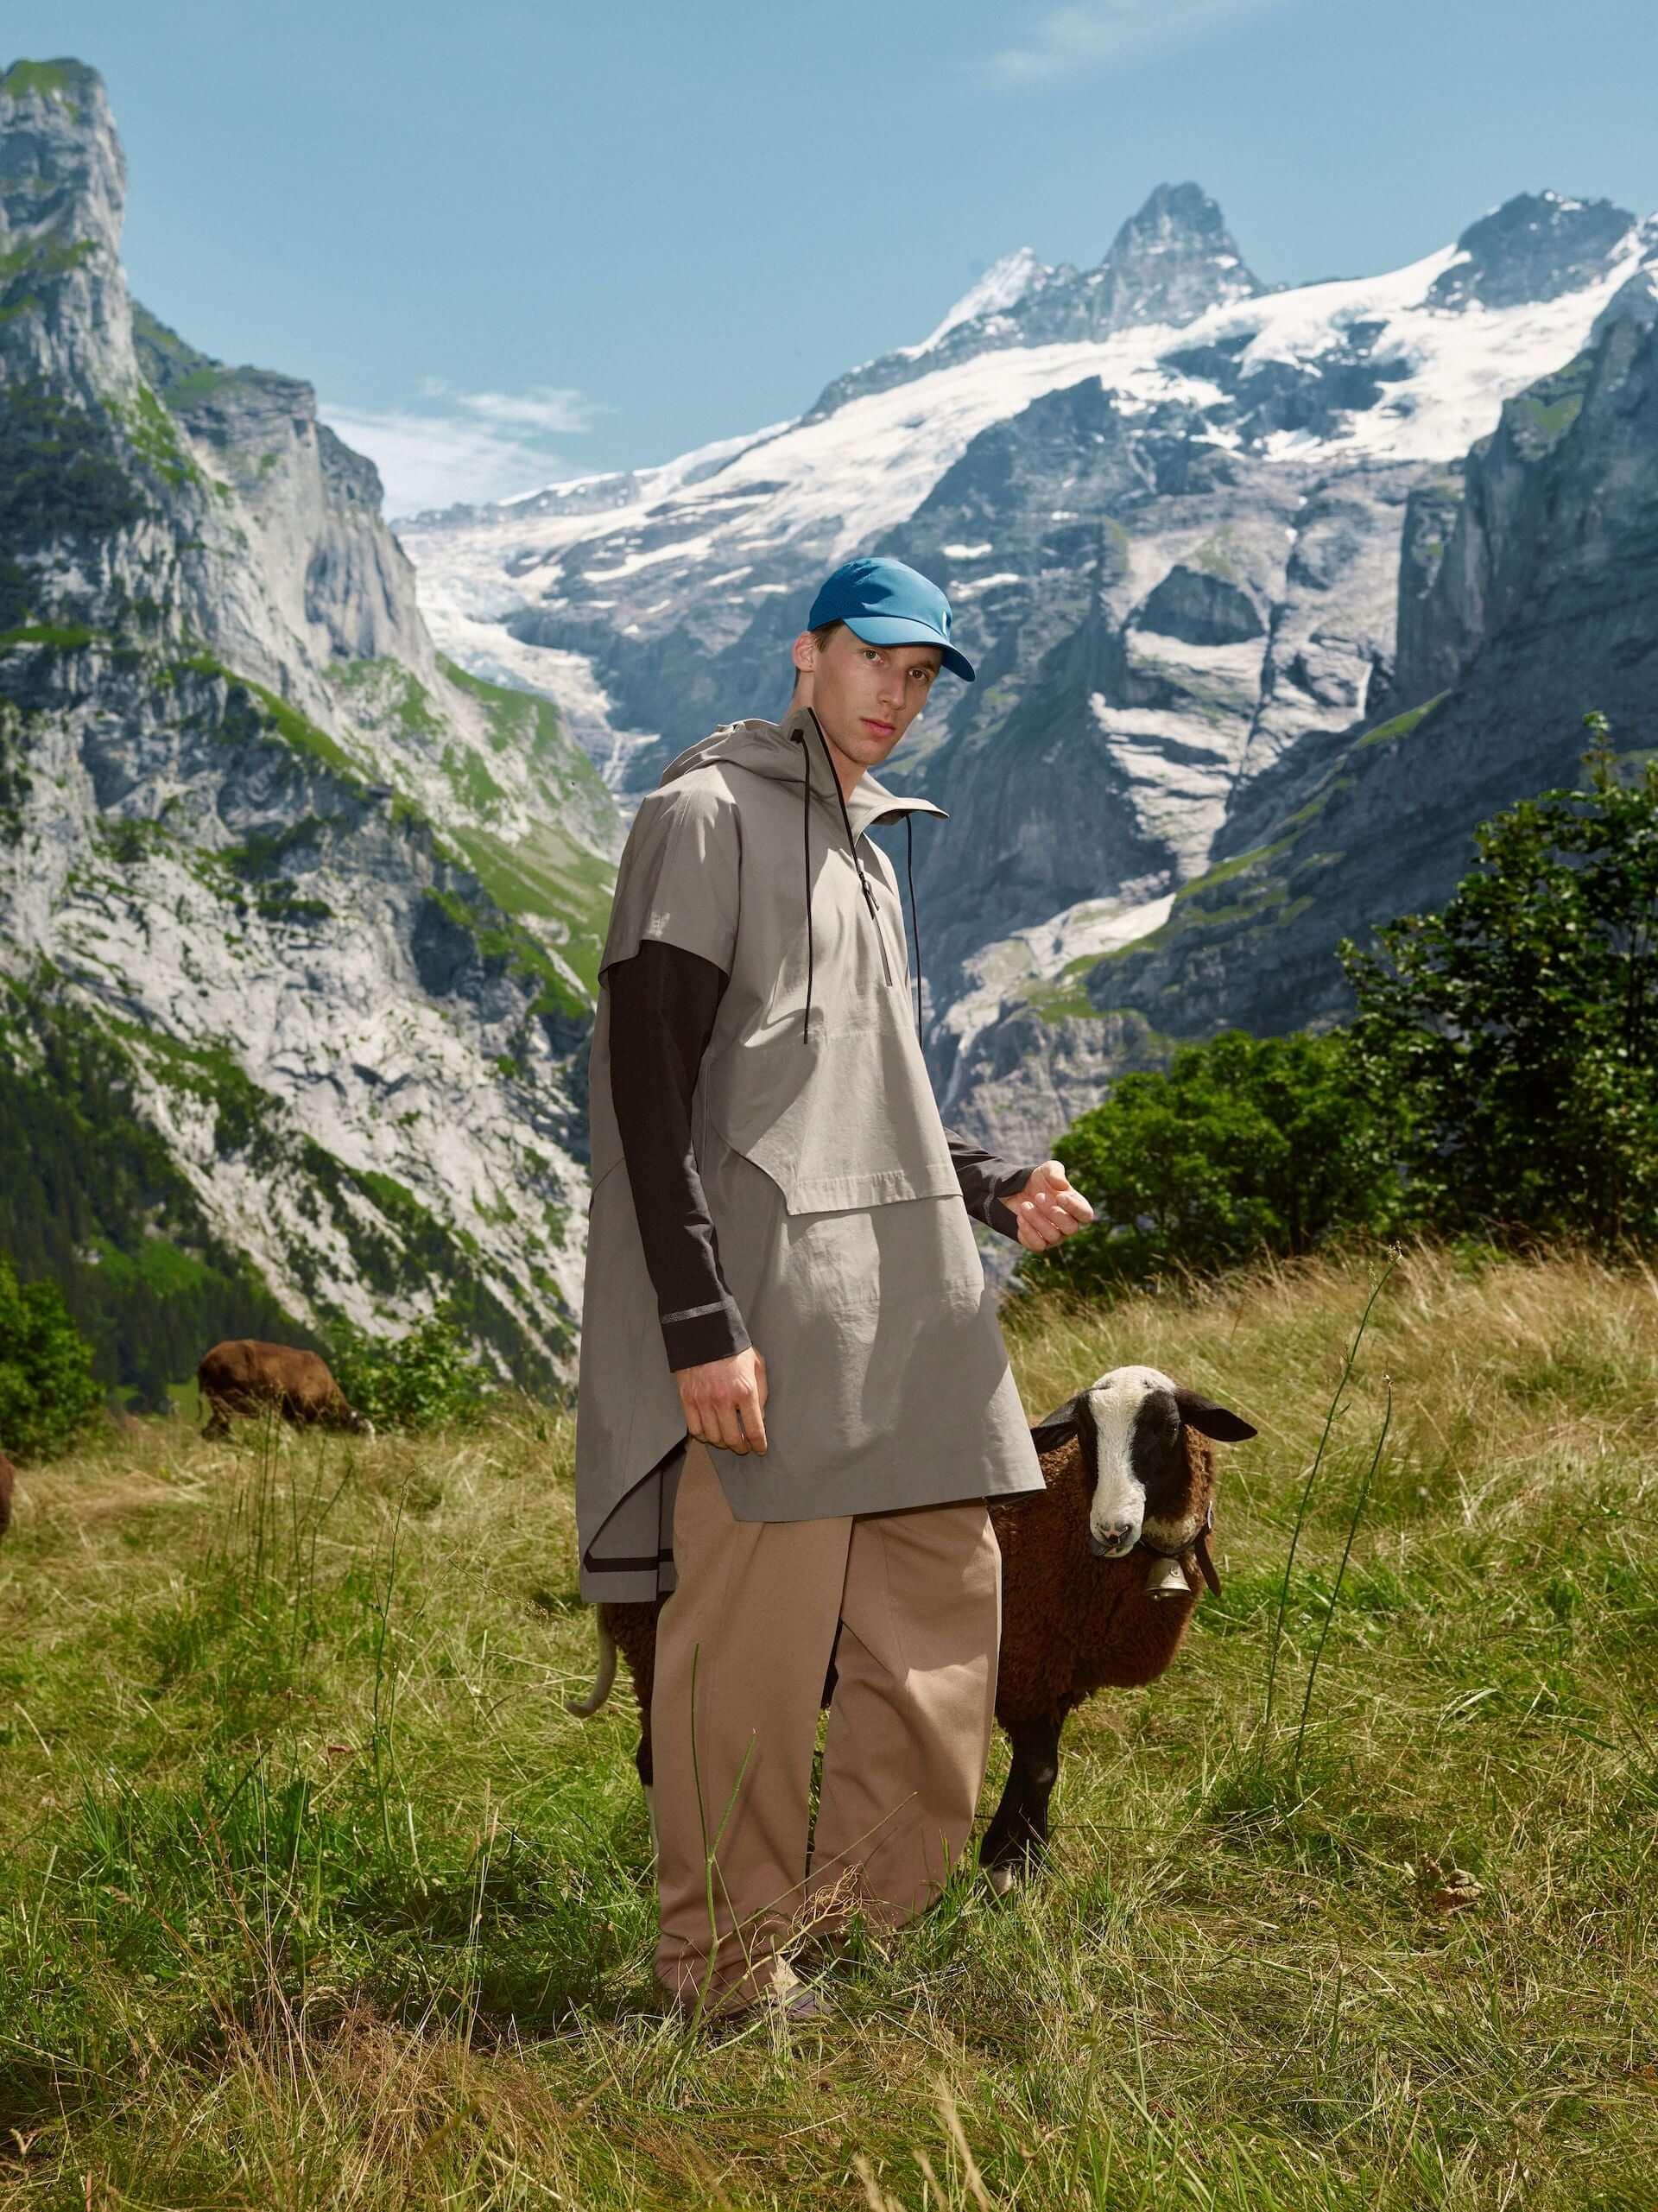 スイス発ブランド「On」が世界600着限定のハイエンドジャケットを発売!環境に配慮したオーガニックコットンを使用 lf201015_on-jacket_2-1920x2561